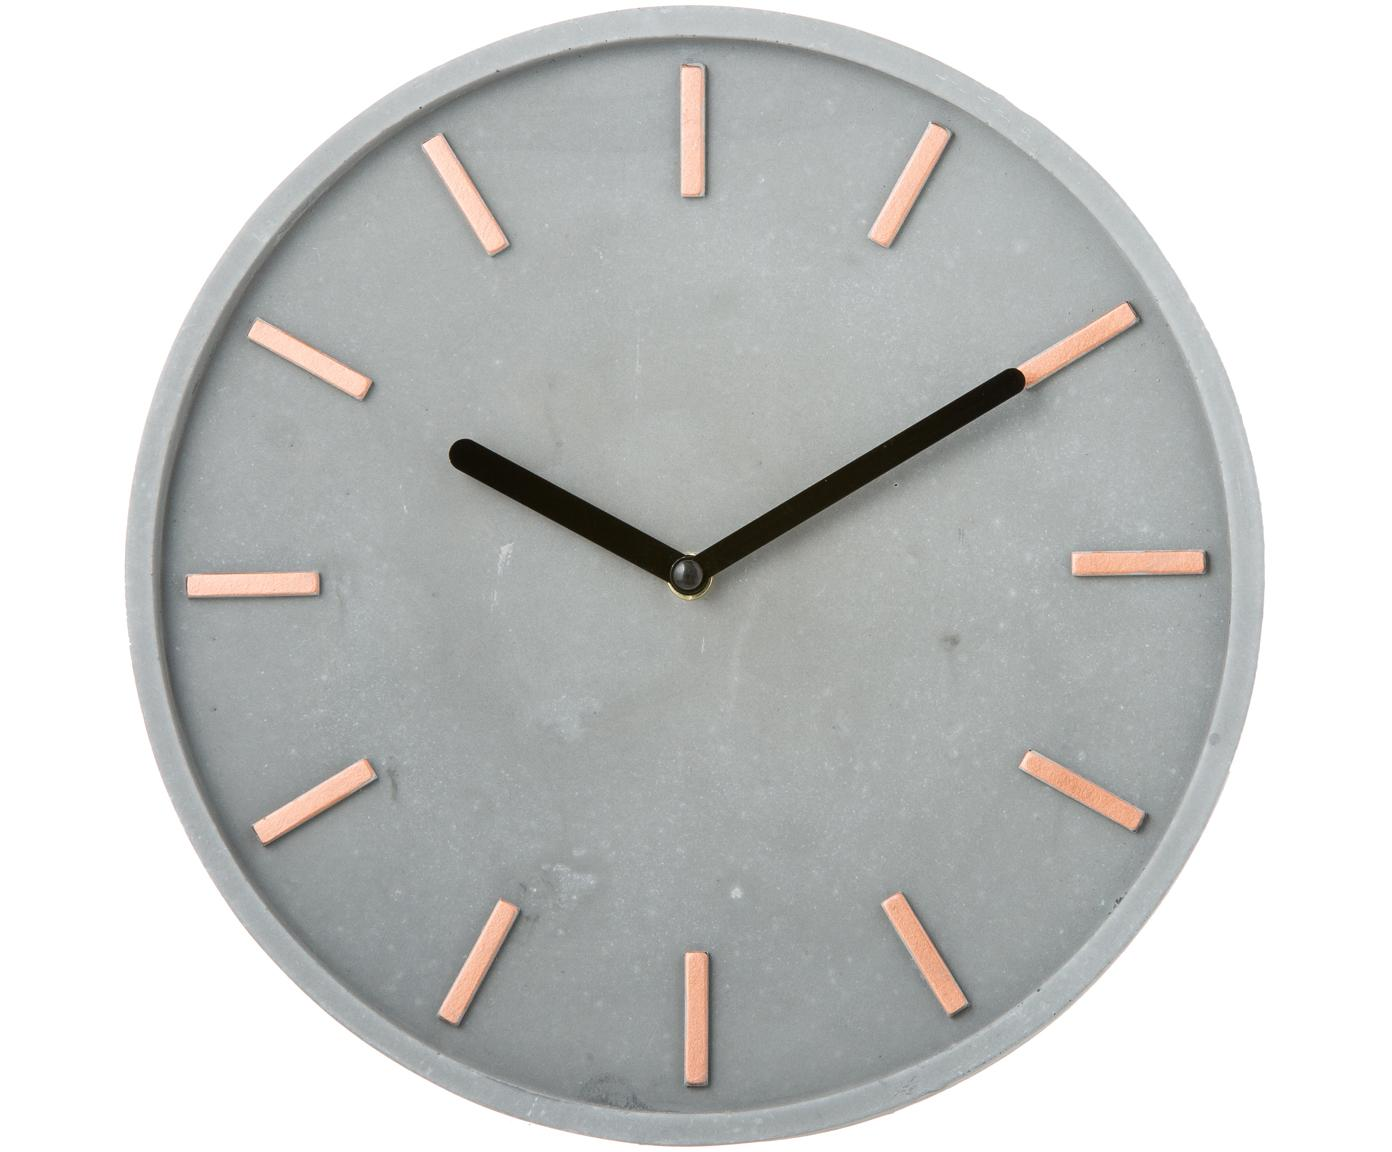 Wandklok Gela, Wijzerplaat: beton met gegoten, gelakt, Grijs, Ø 28 cm